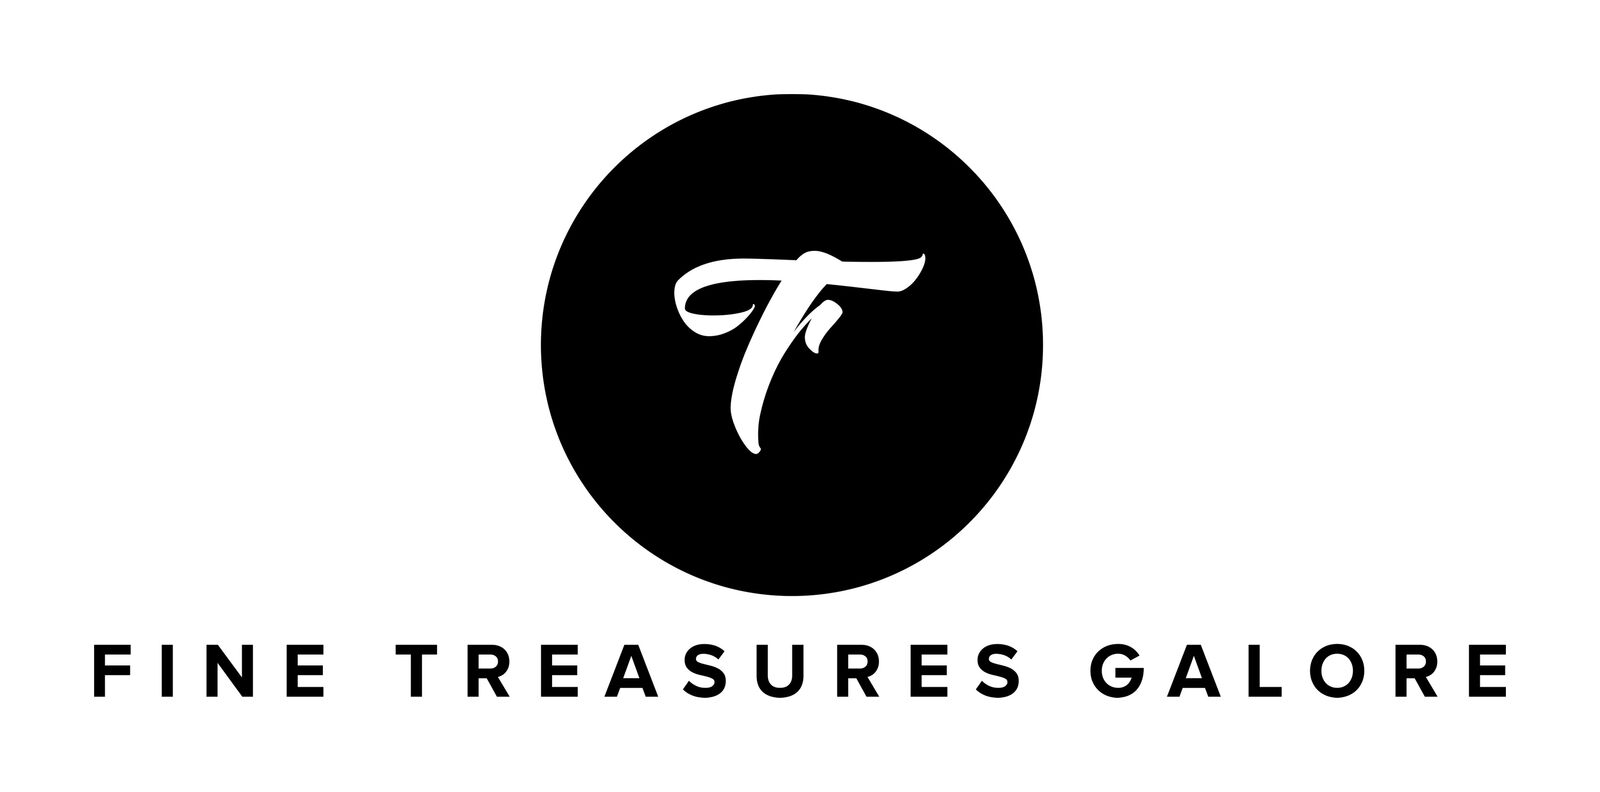 Fine Treasures Galore